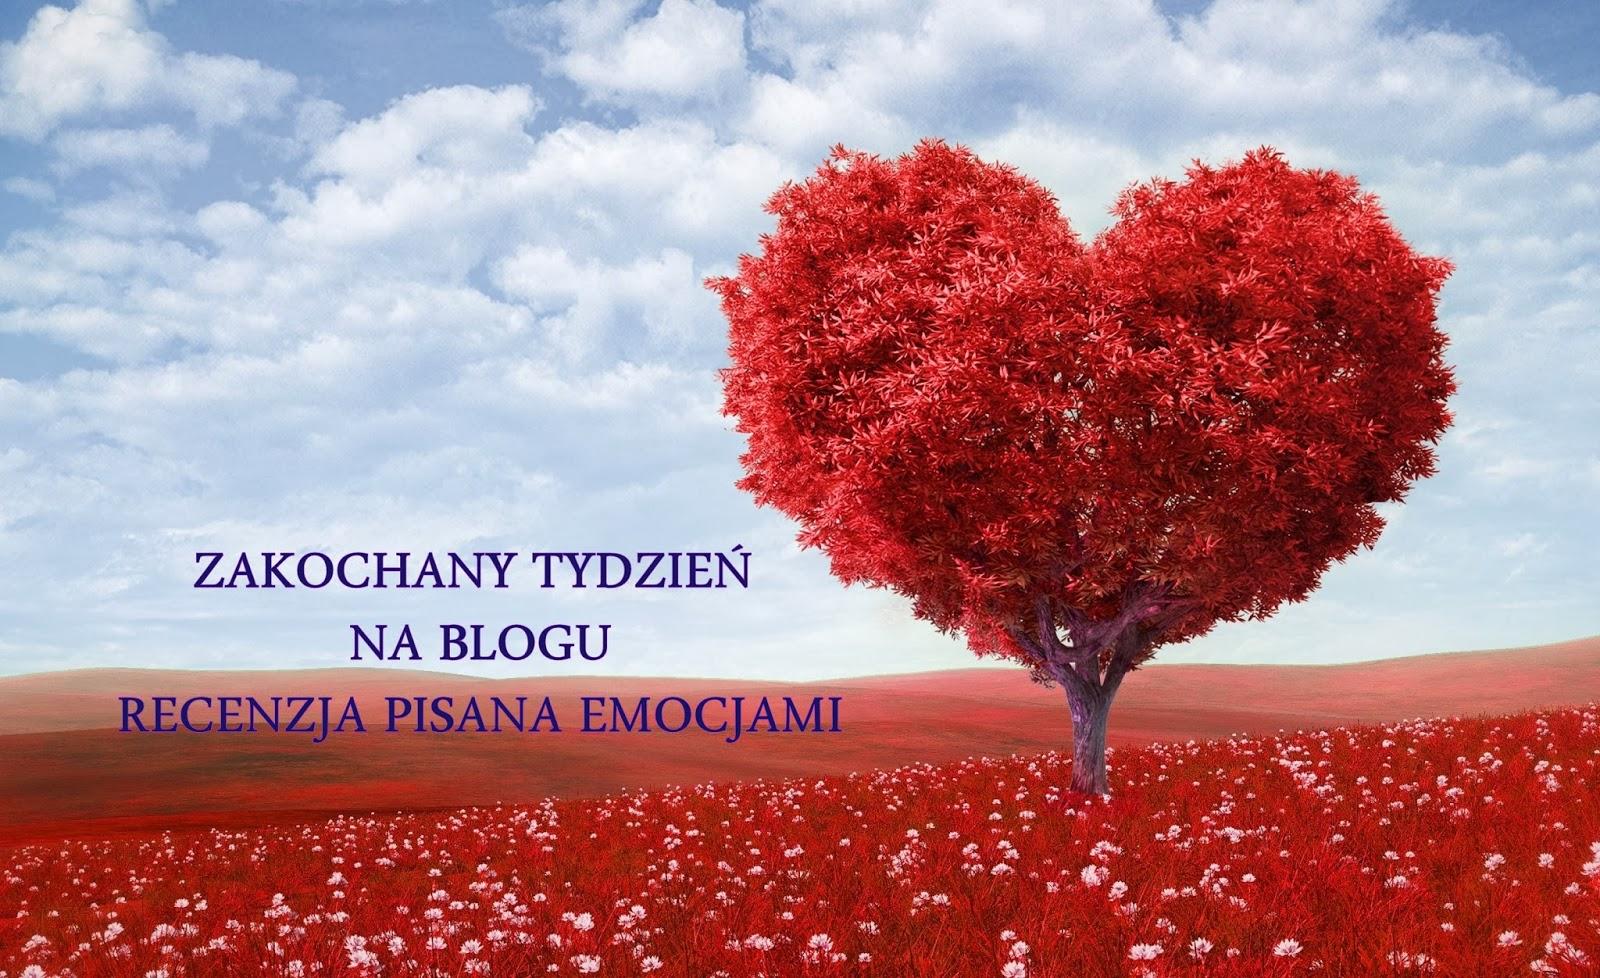 http://skrytkaslow.blogspot.com/2014/02/zakochany-tydzien.html